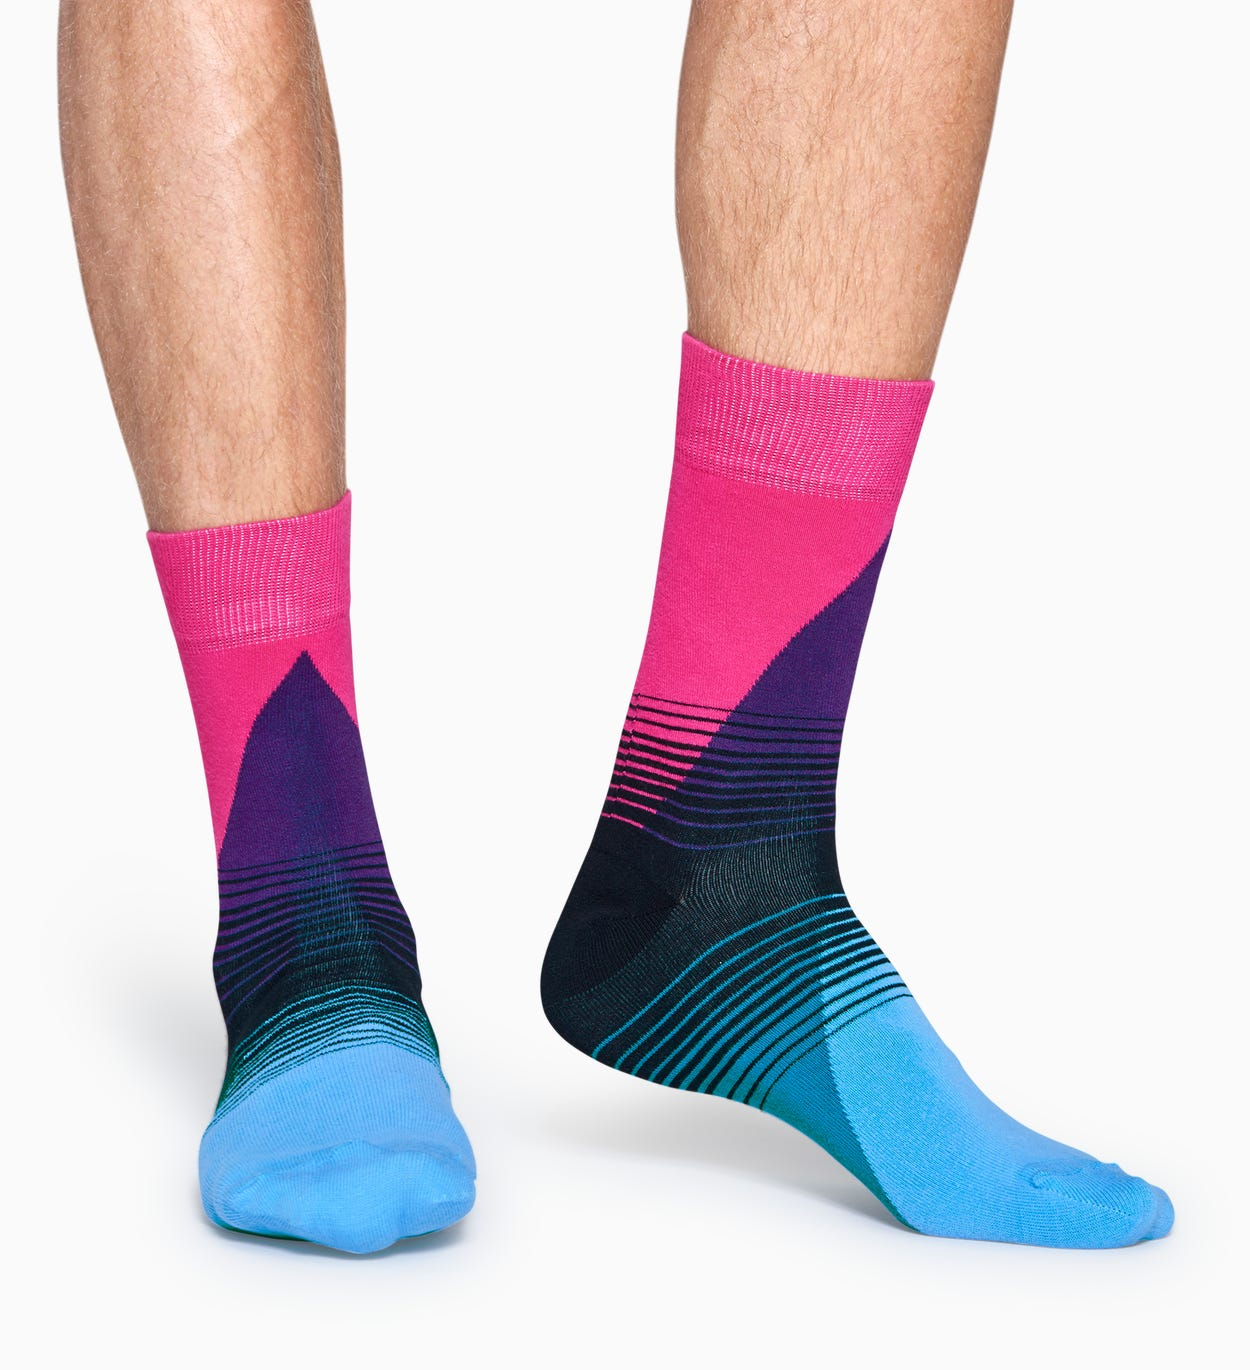 Pinke   Blaue Baumwollsocken: 80's Fade Design | Happy Socks